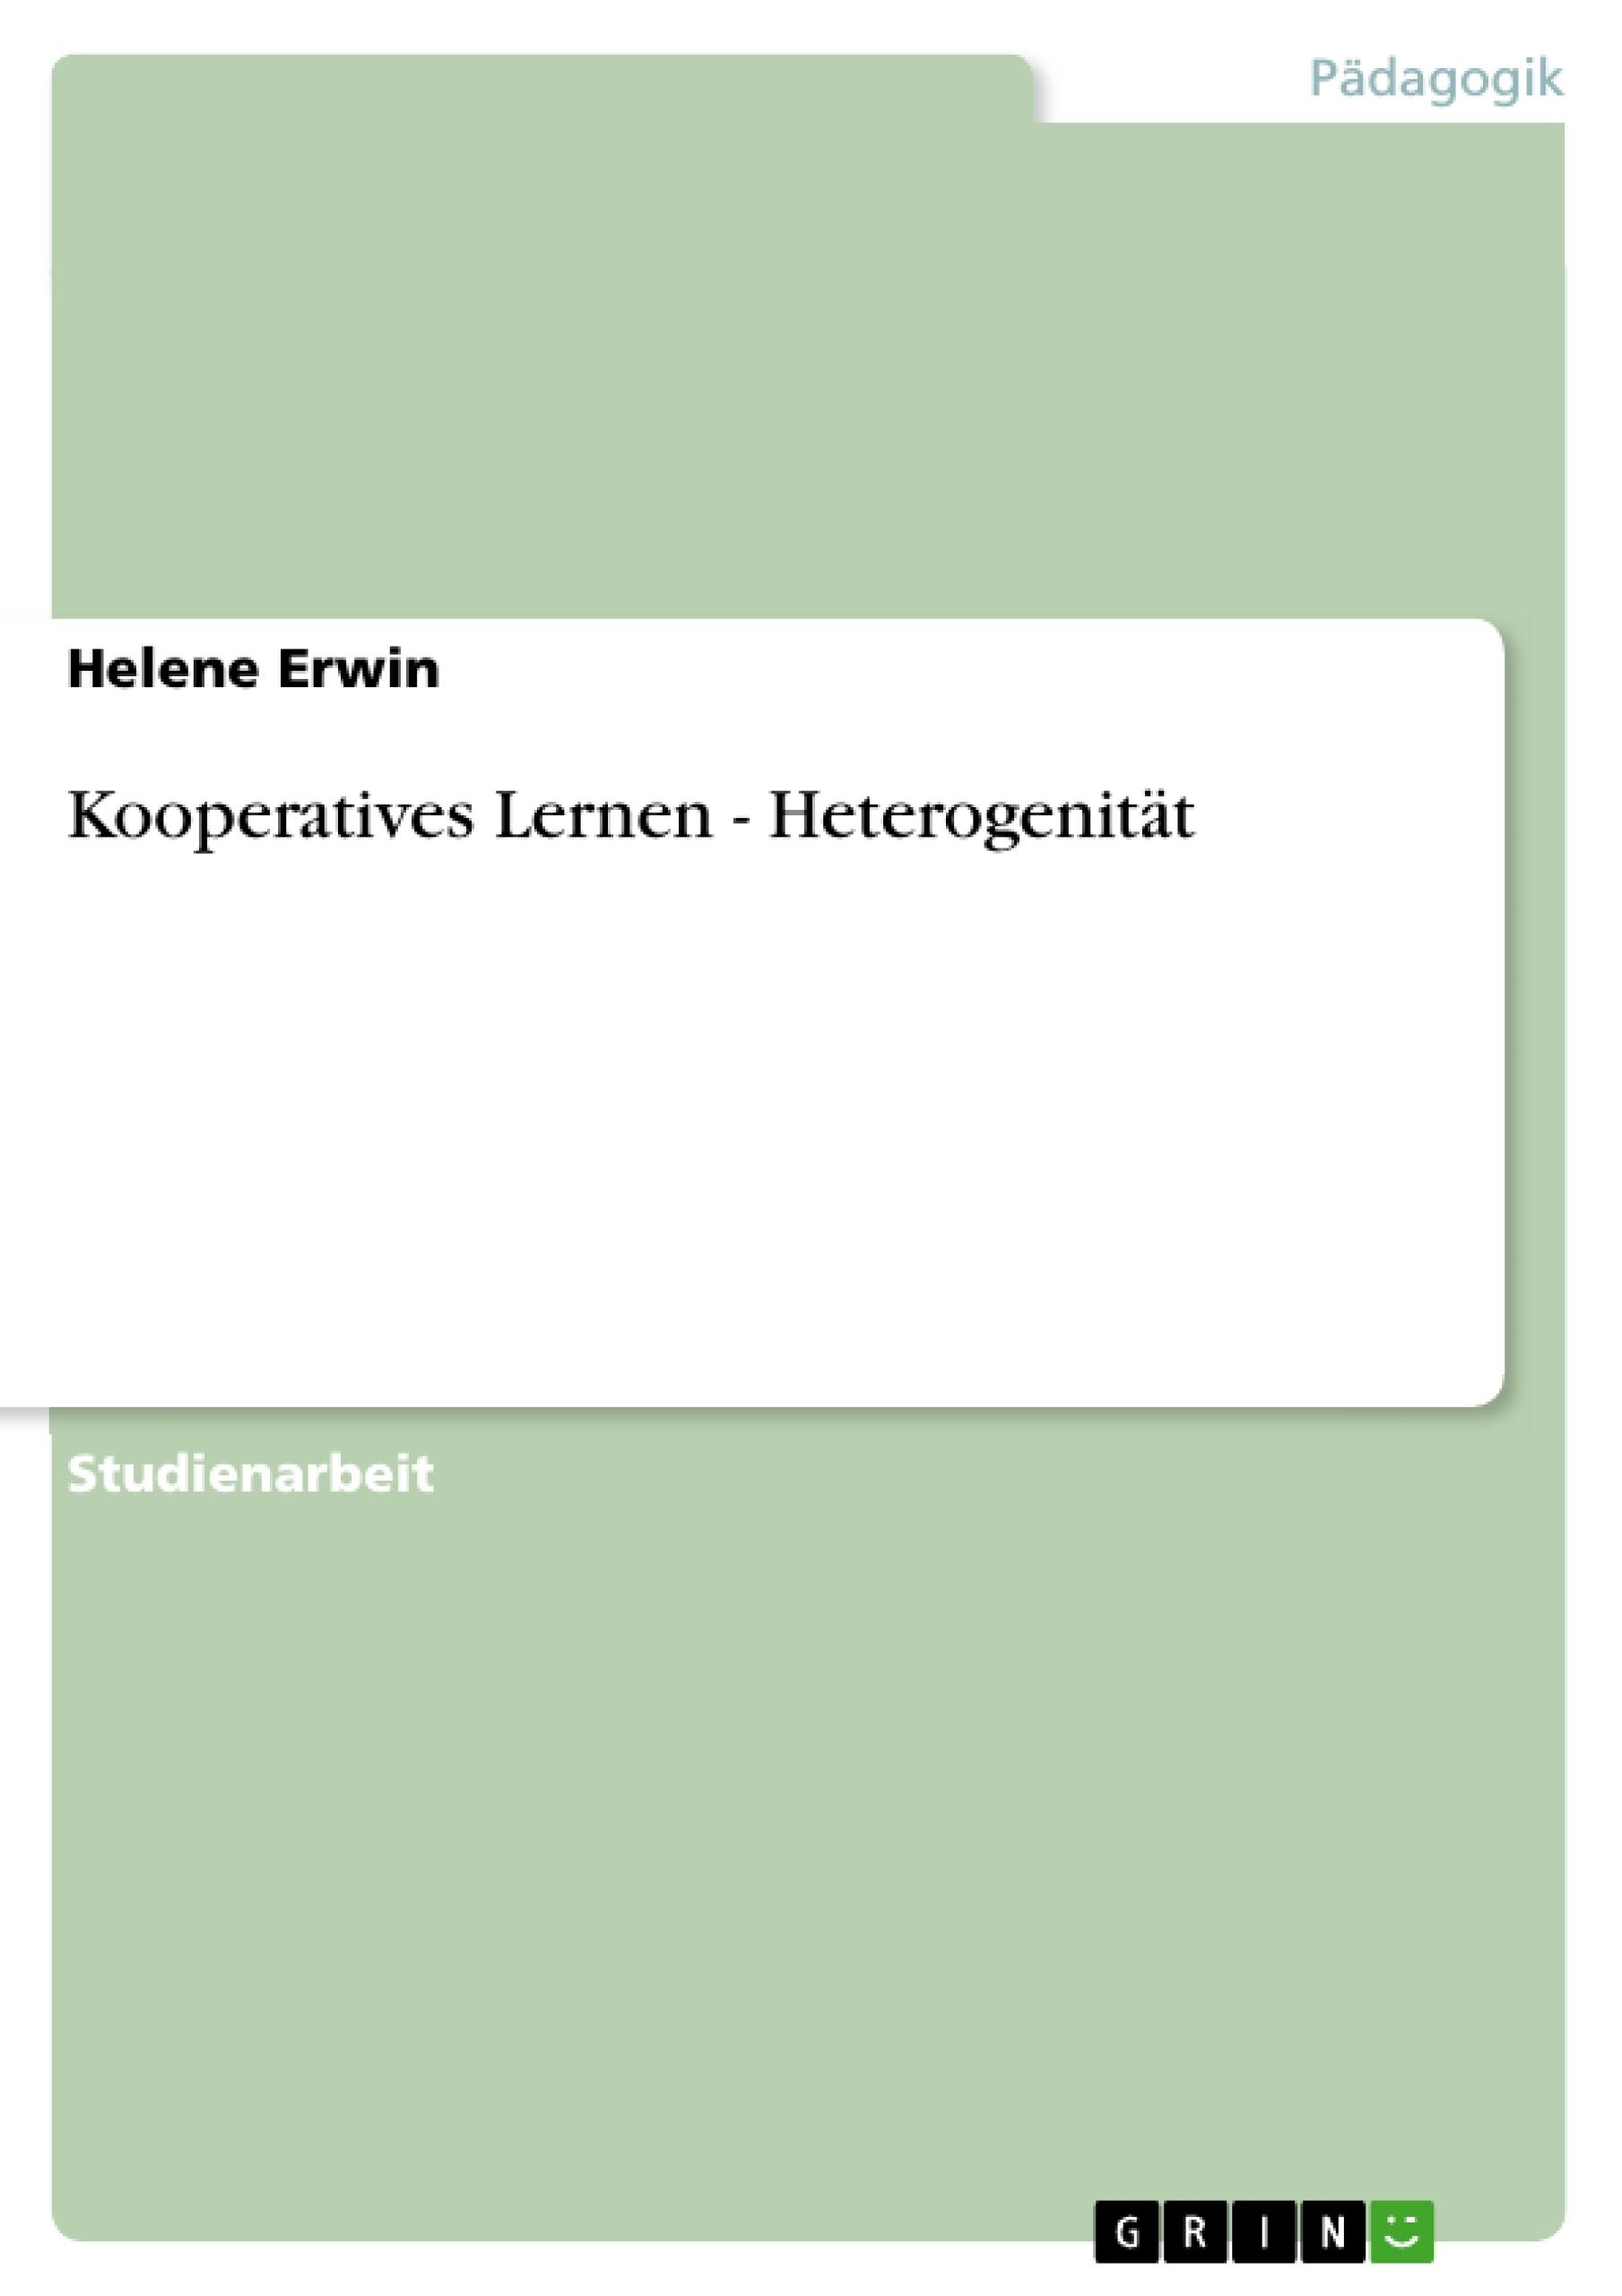 Titel: Kooperatives Lernen - Heterogenität